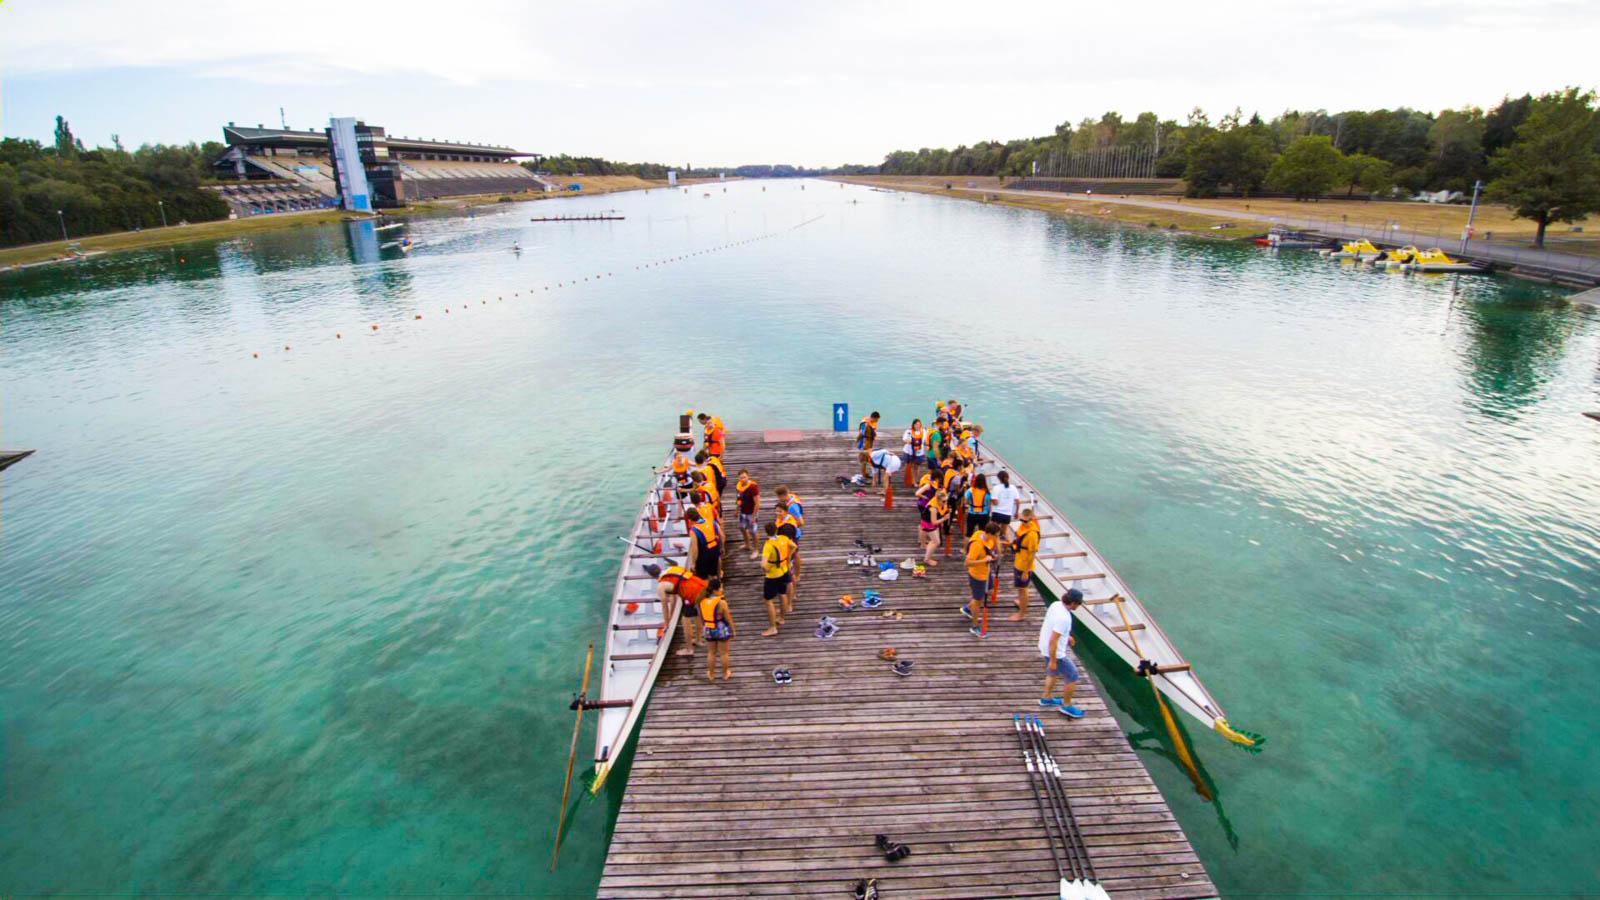 Drachenbootrennen, das gibt es in Oberschleißheim